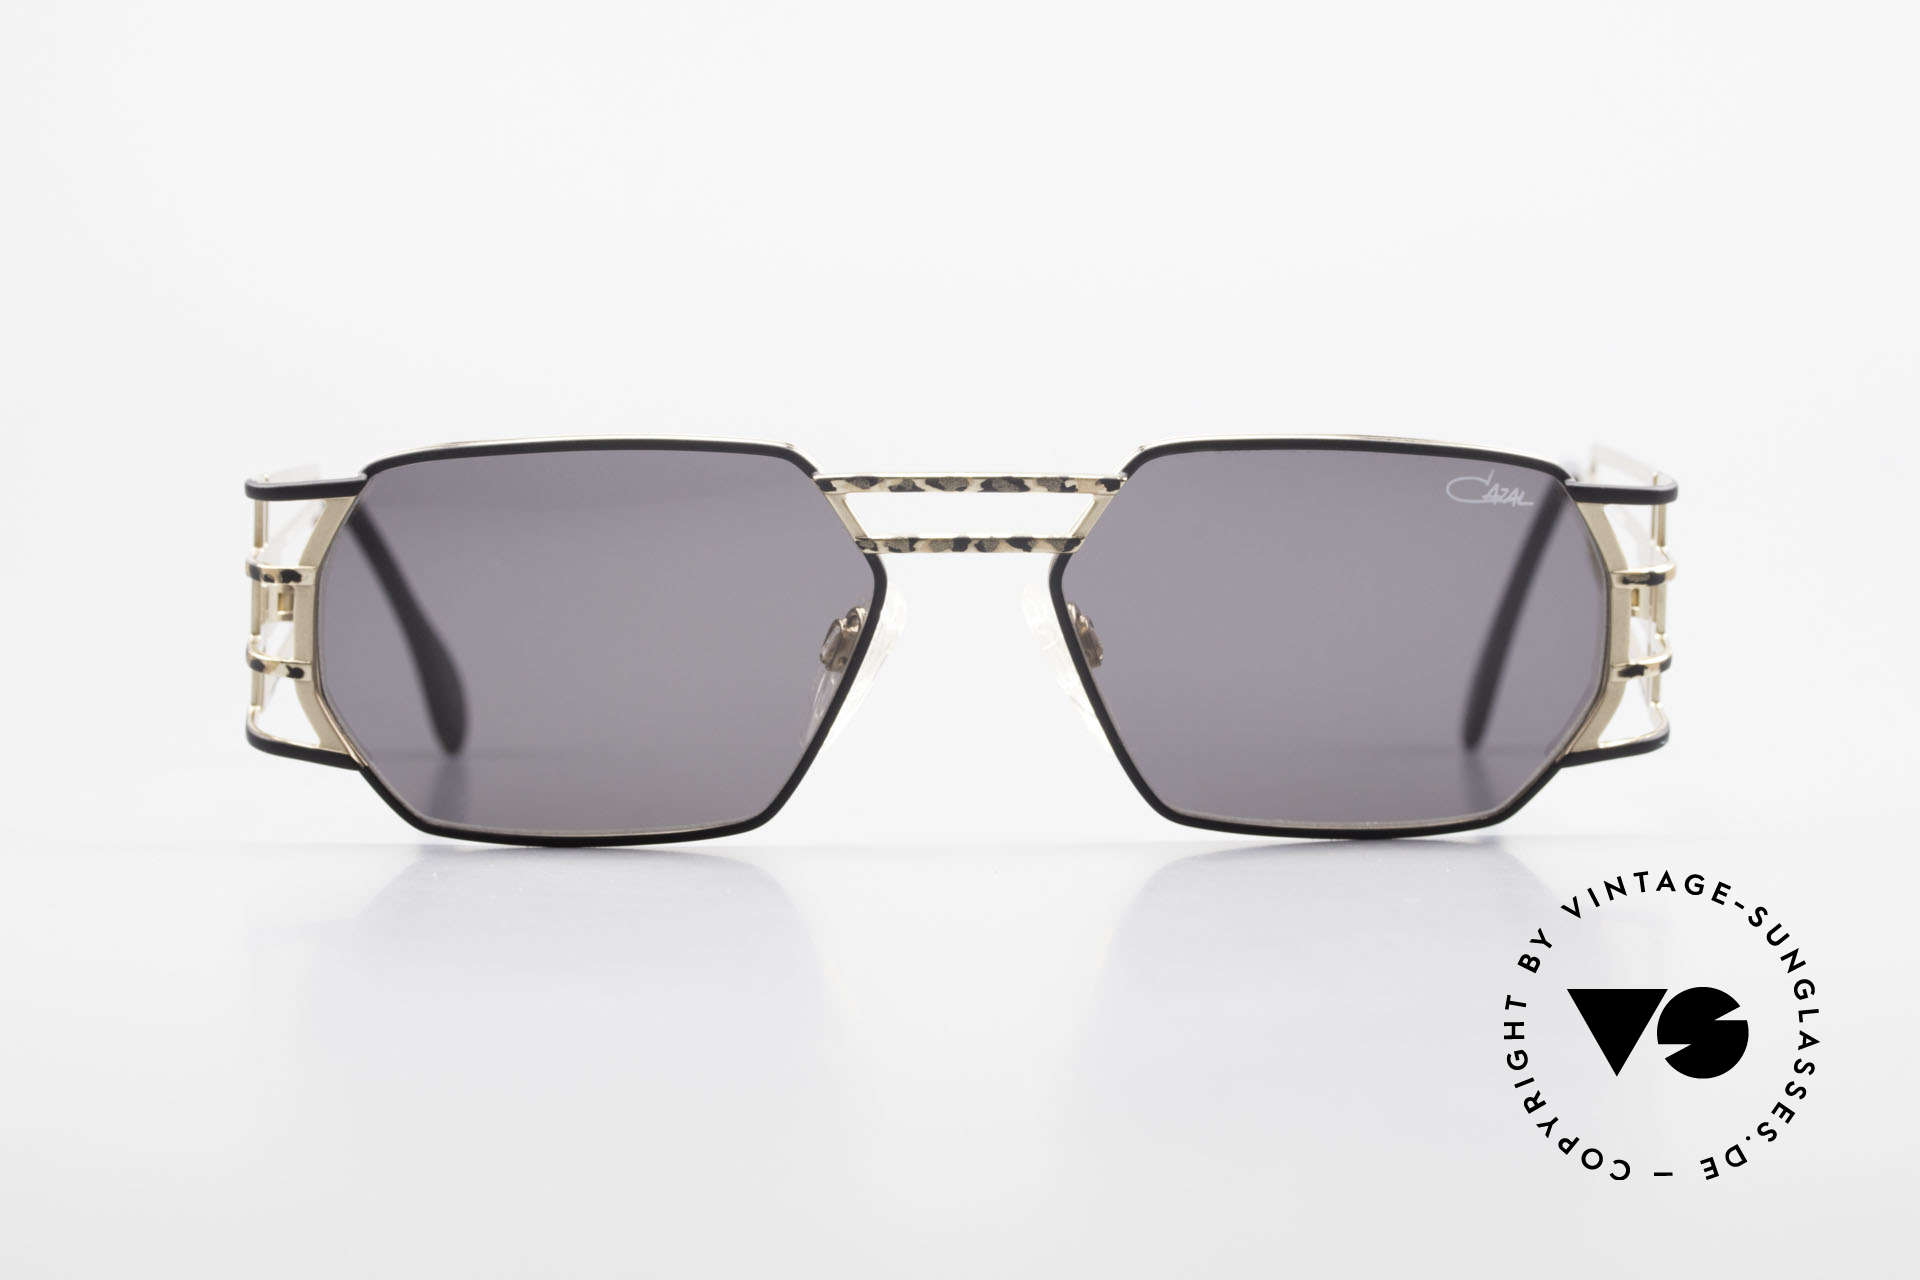 Cazal 980 Markante 90er Vintage Brille, eckige Metall-Fassung mit sehr markanten Bügeln, Passend für Herren und Damen